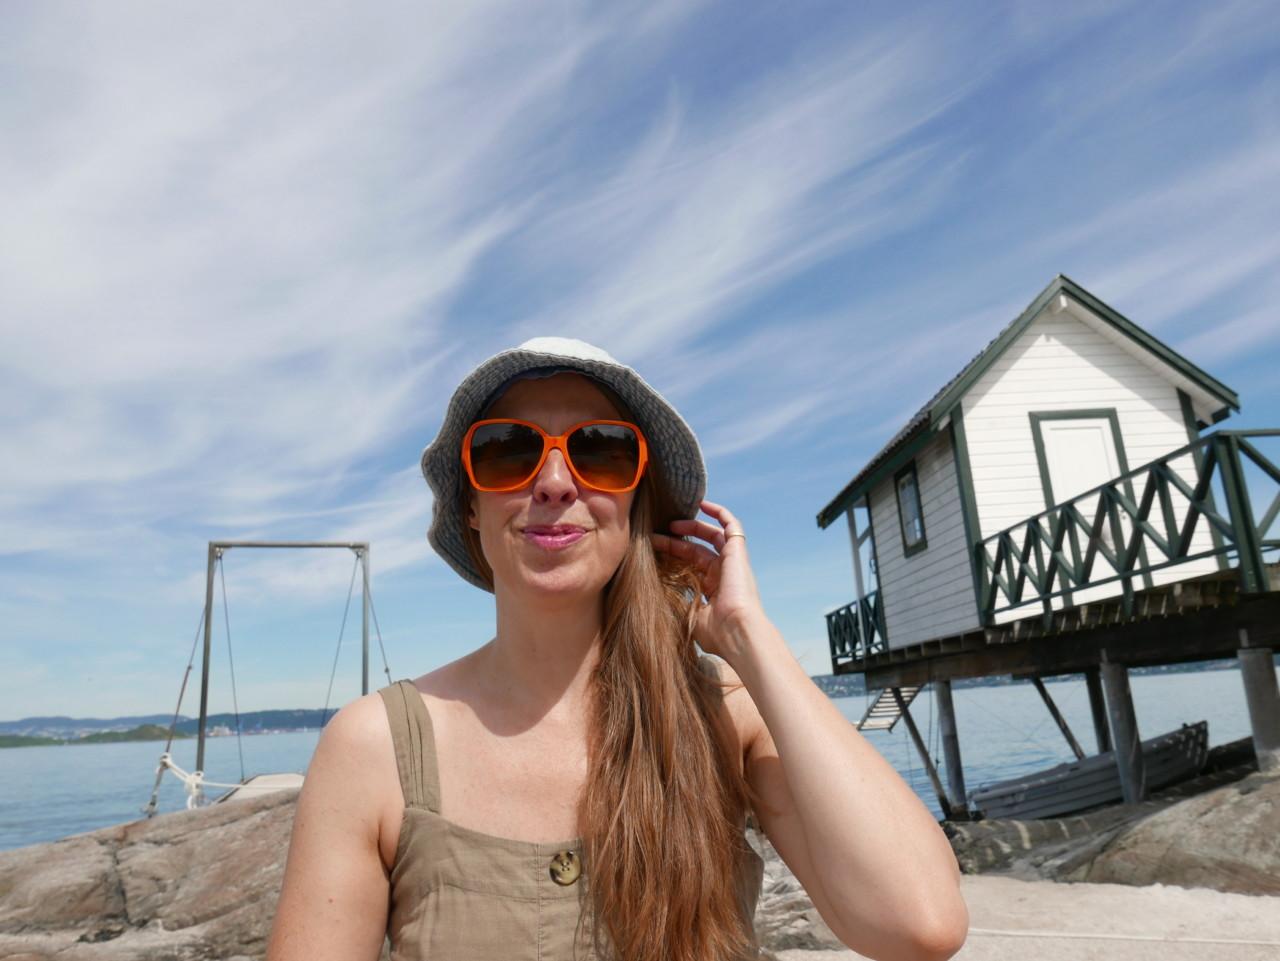 anja-stang-kortreist-sommer-ferie-nesodden-eir-scandinavia-ambassador-green-house-eco